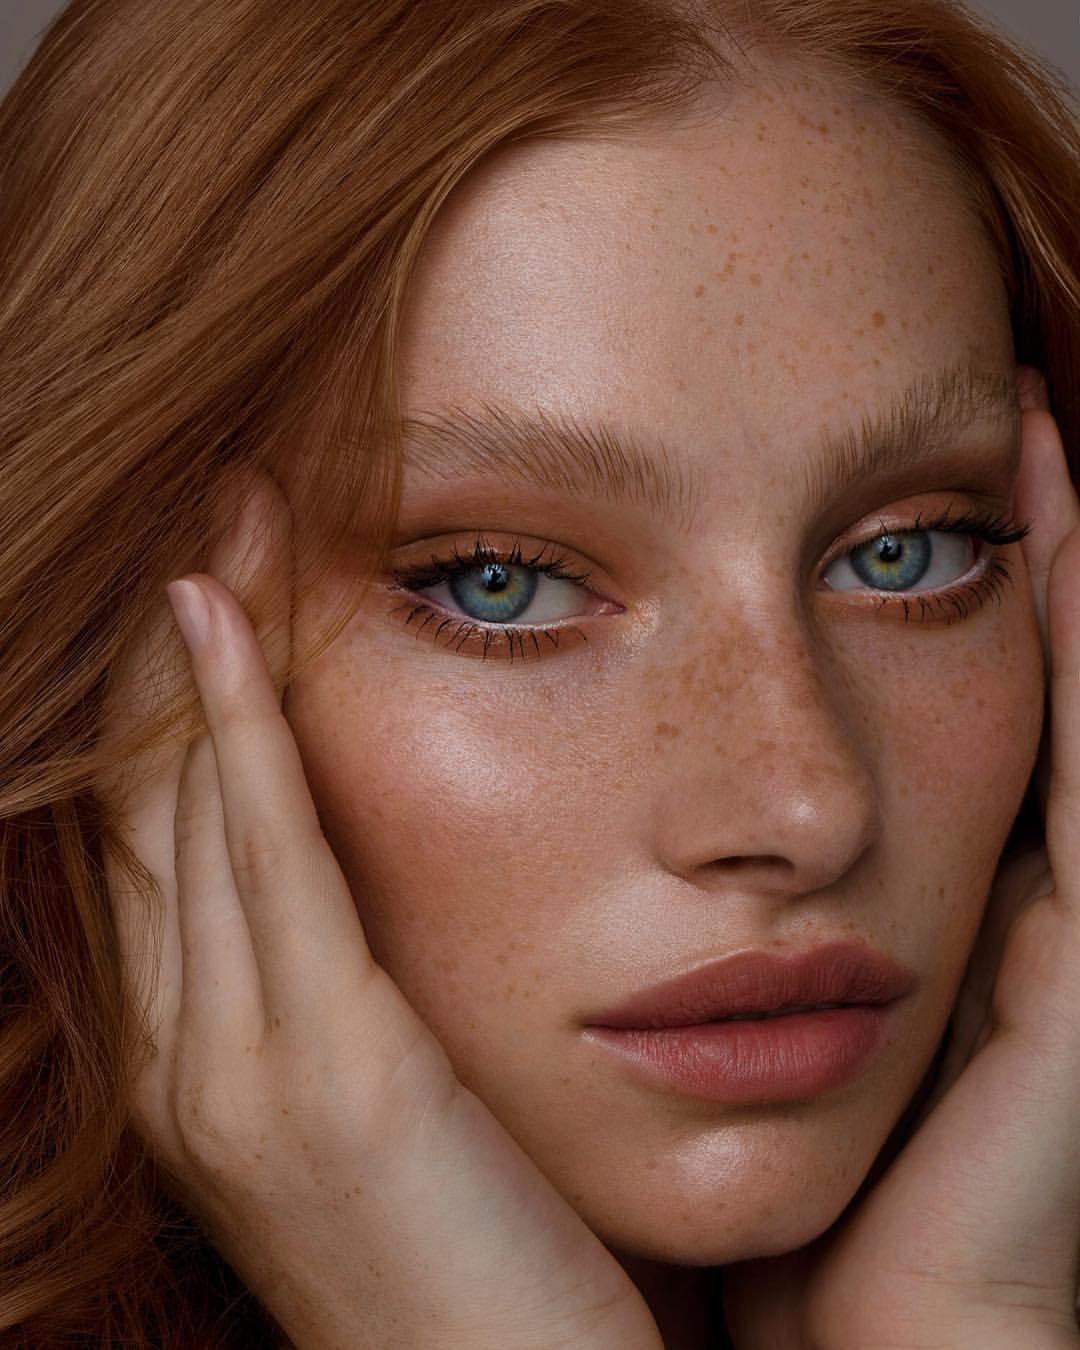 L'orange 🍊 tamarawilliams1 freckles